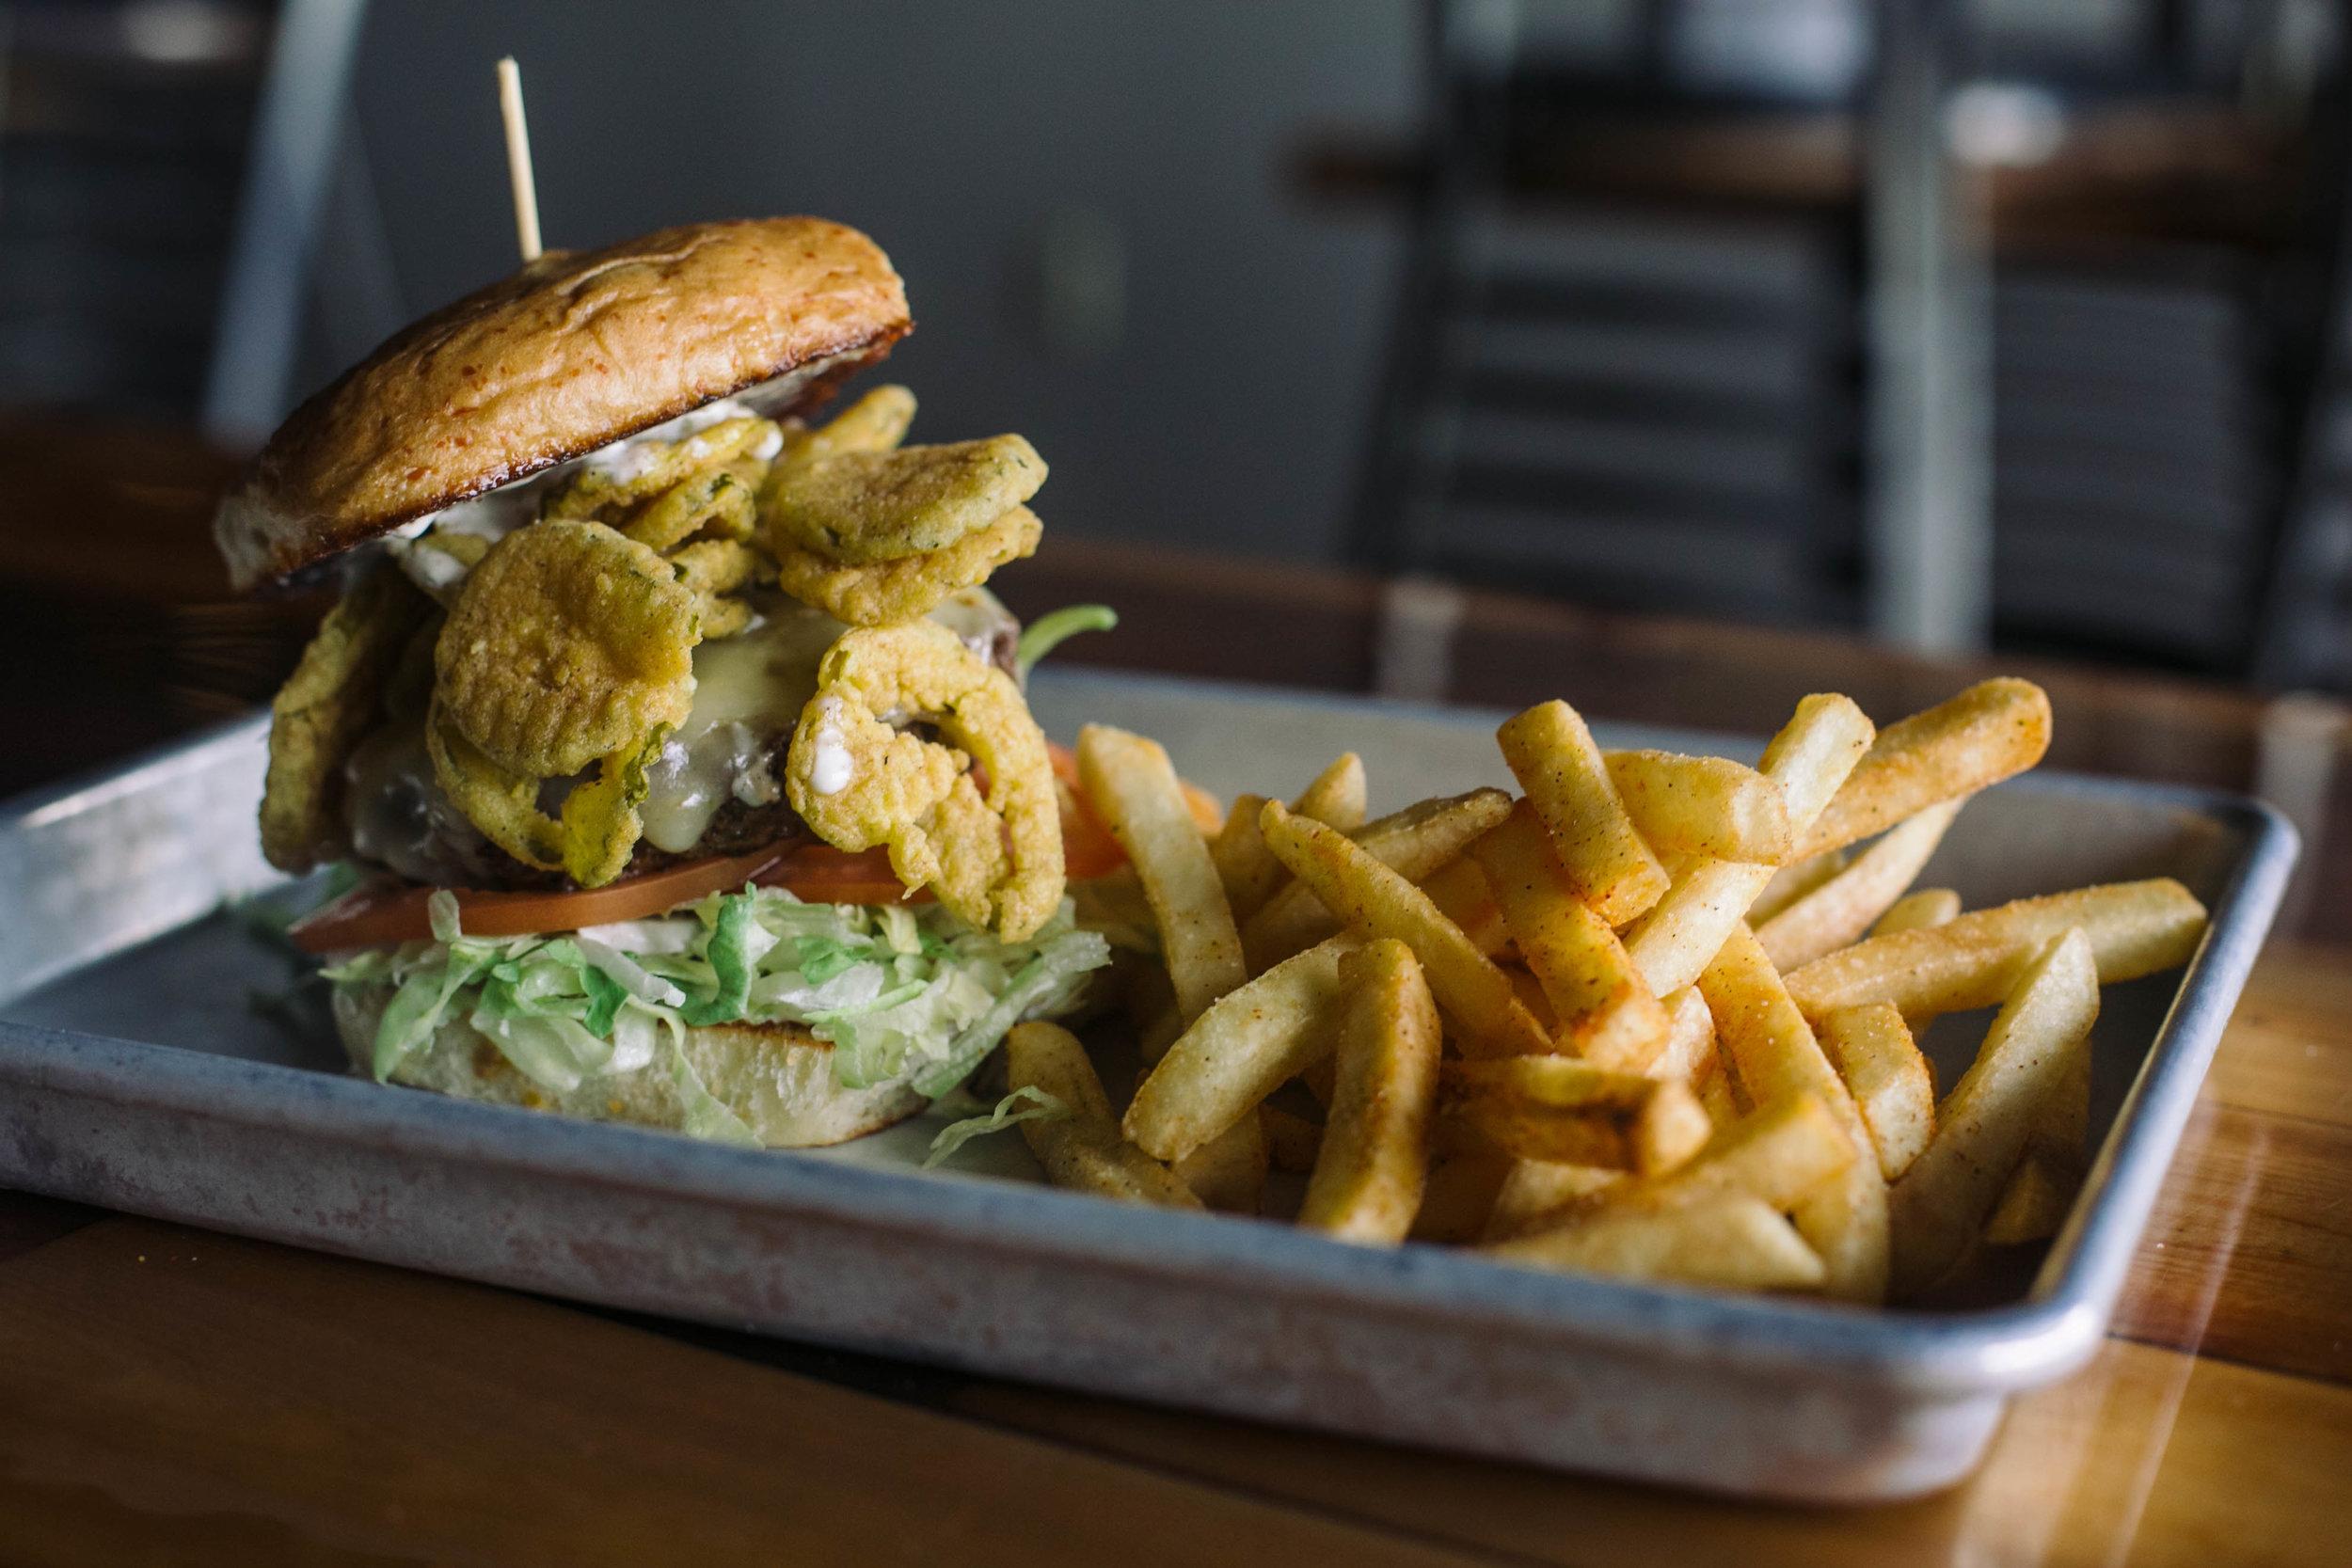 Fried Pickle Burger